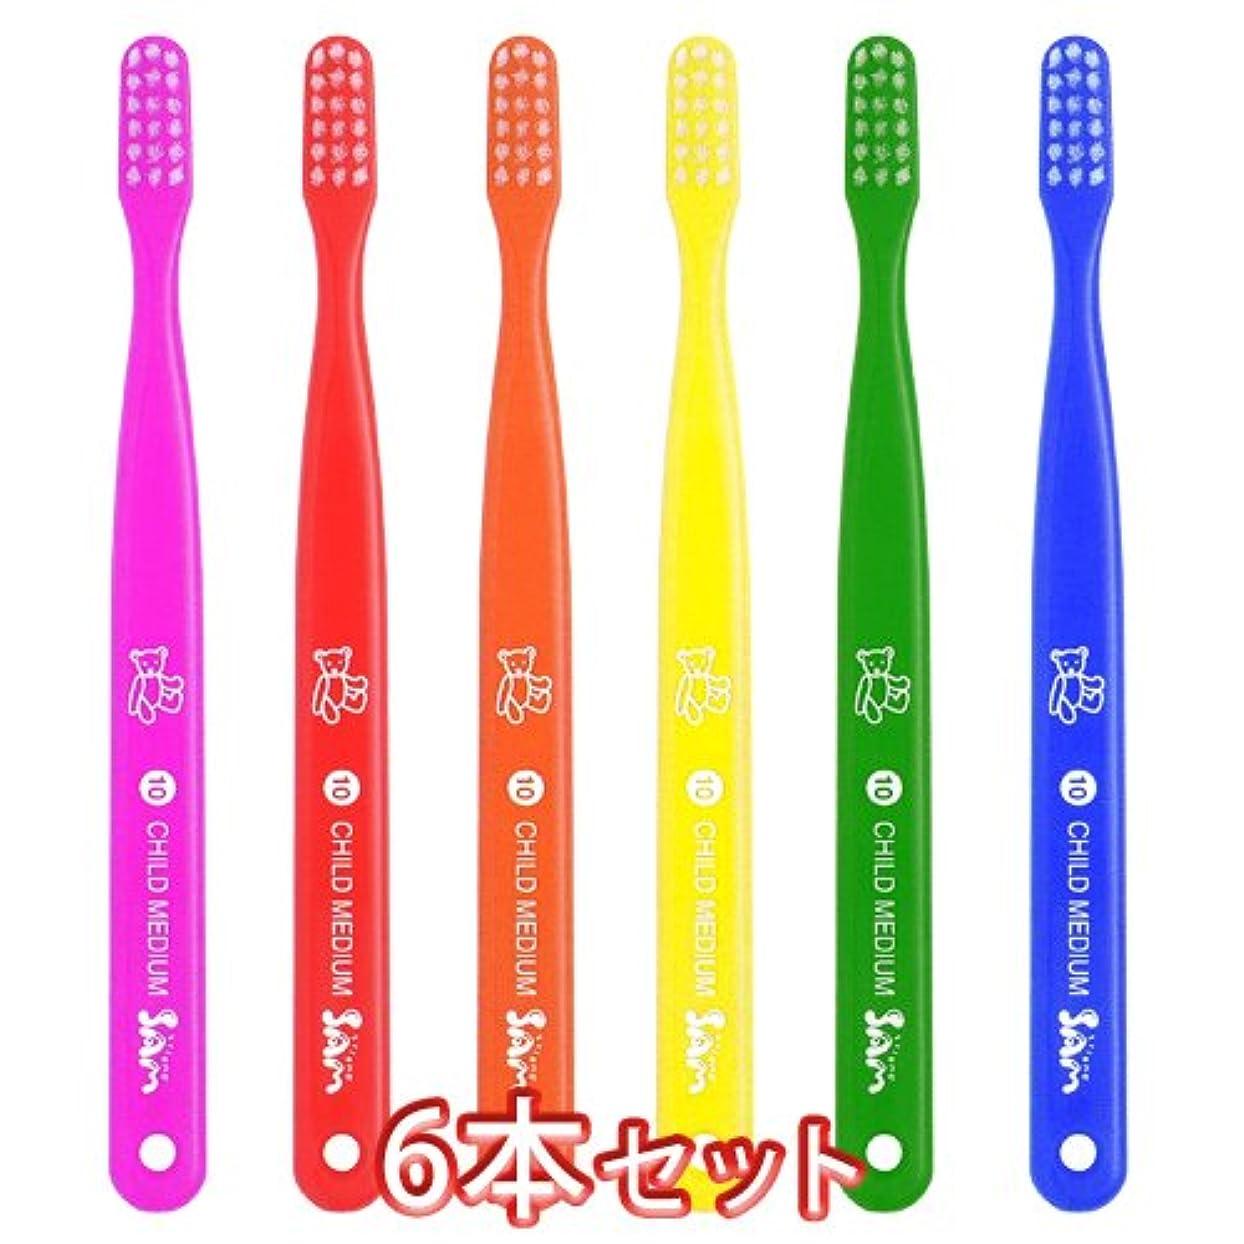 傾向がありますバット在庫サムフレンド ベーシック 歯ブラシ × 6本 アソート (10)